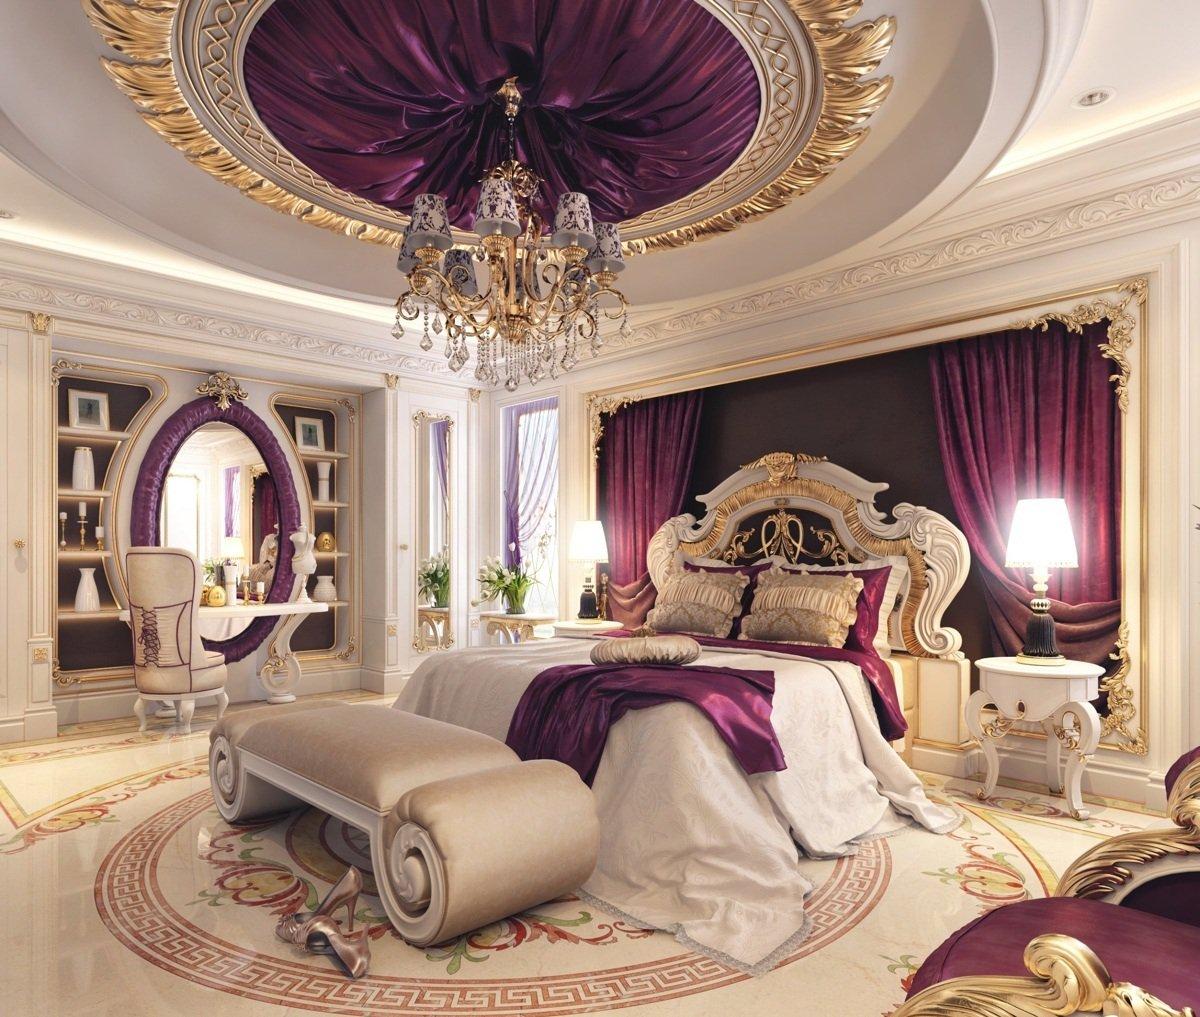 بالصور غرف نوم فخمه , اجمل و افخم غرف النوم 1506 3